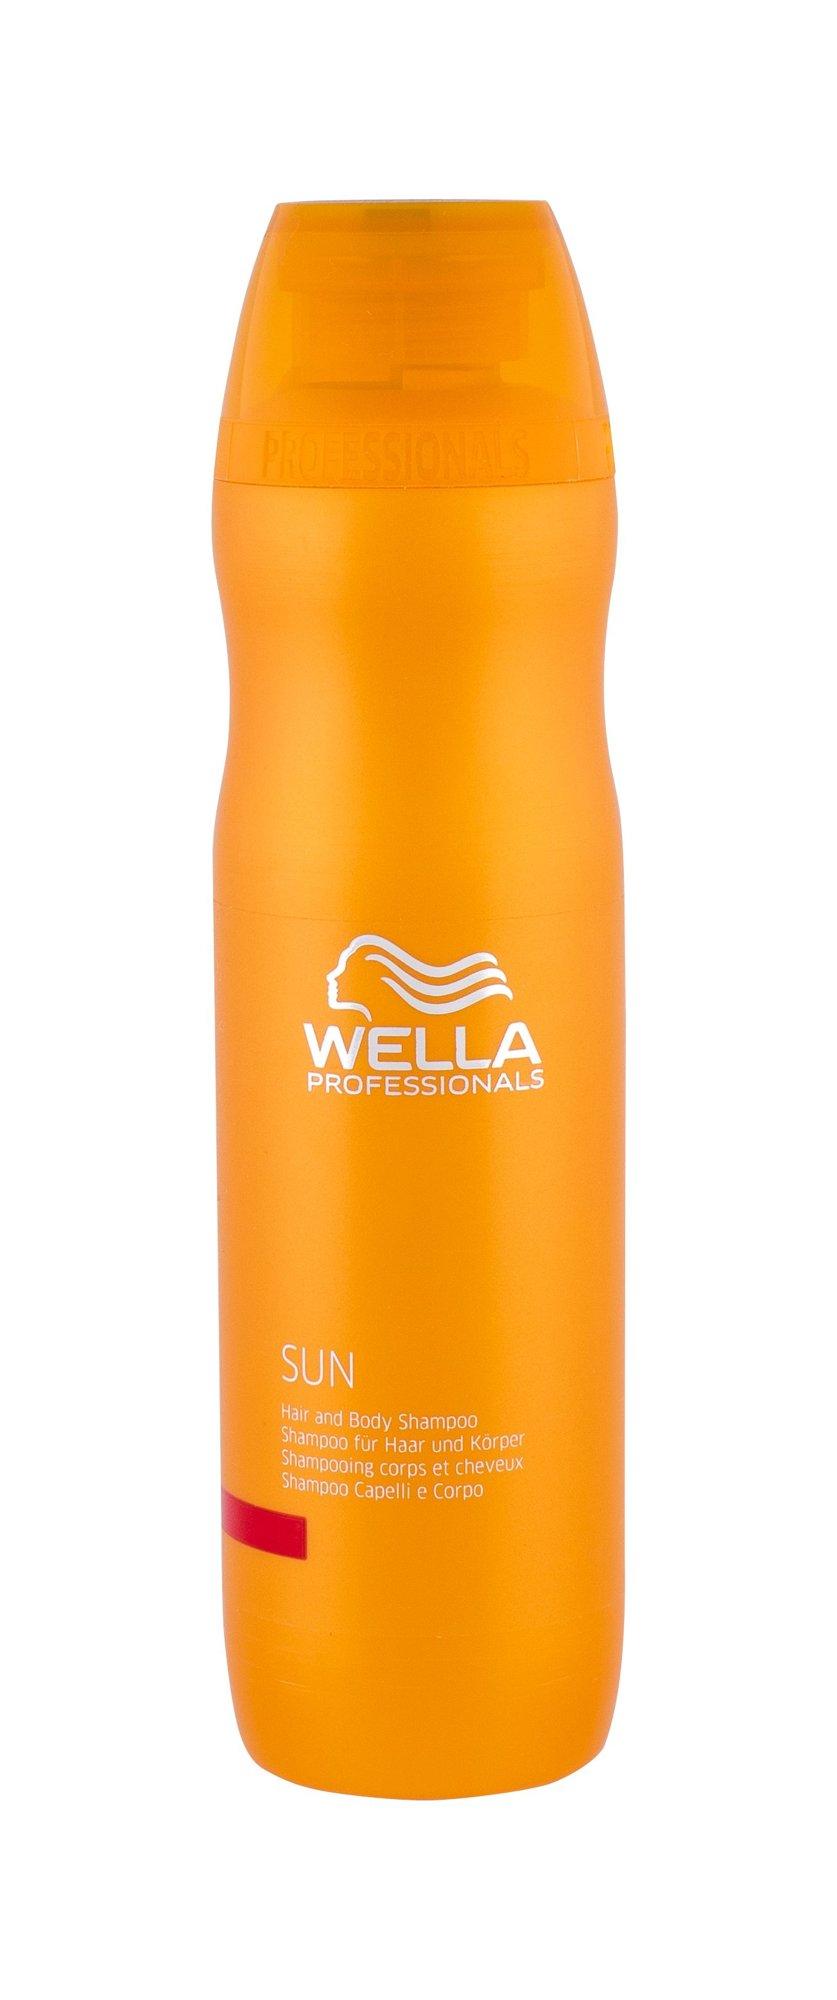 Wella Sun Cosmetic 250ml